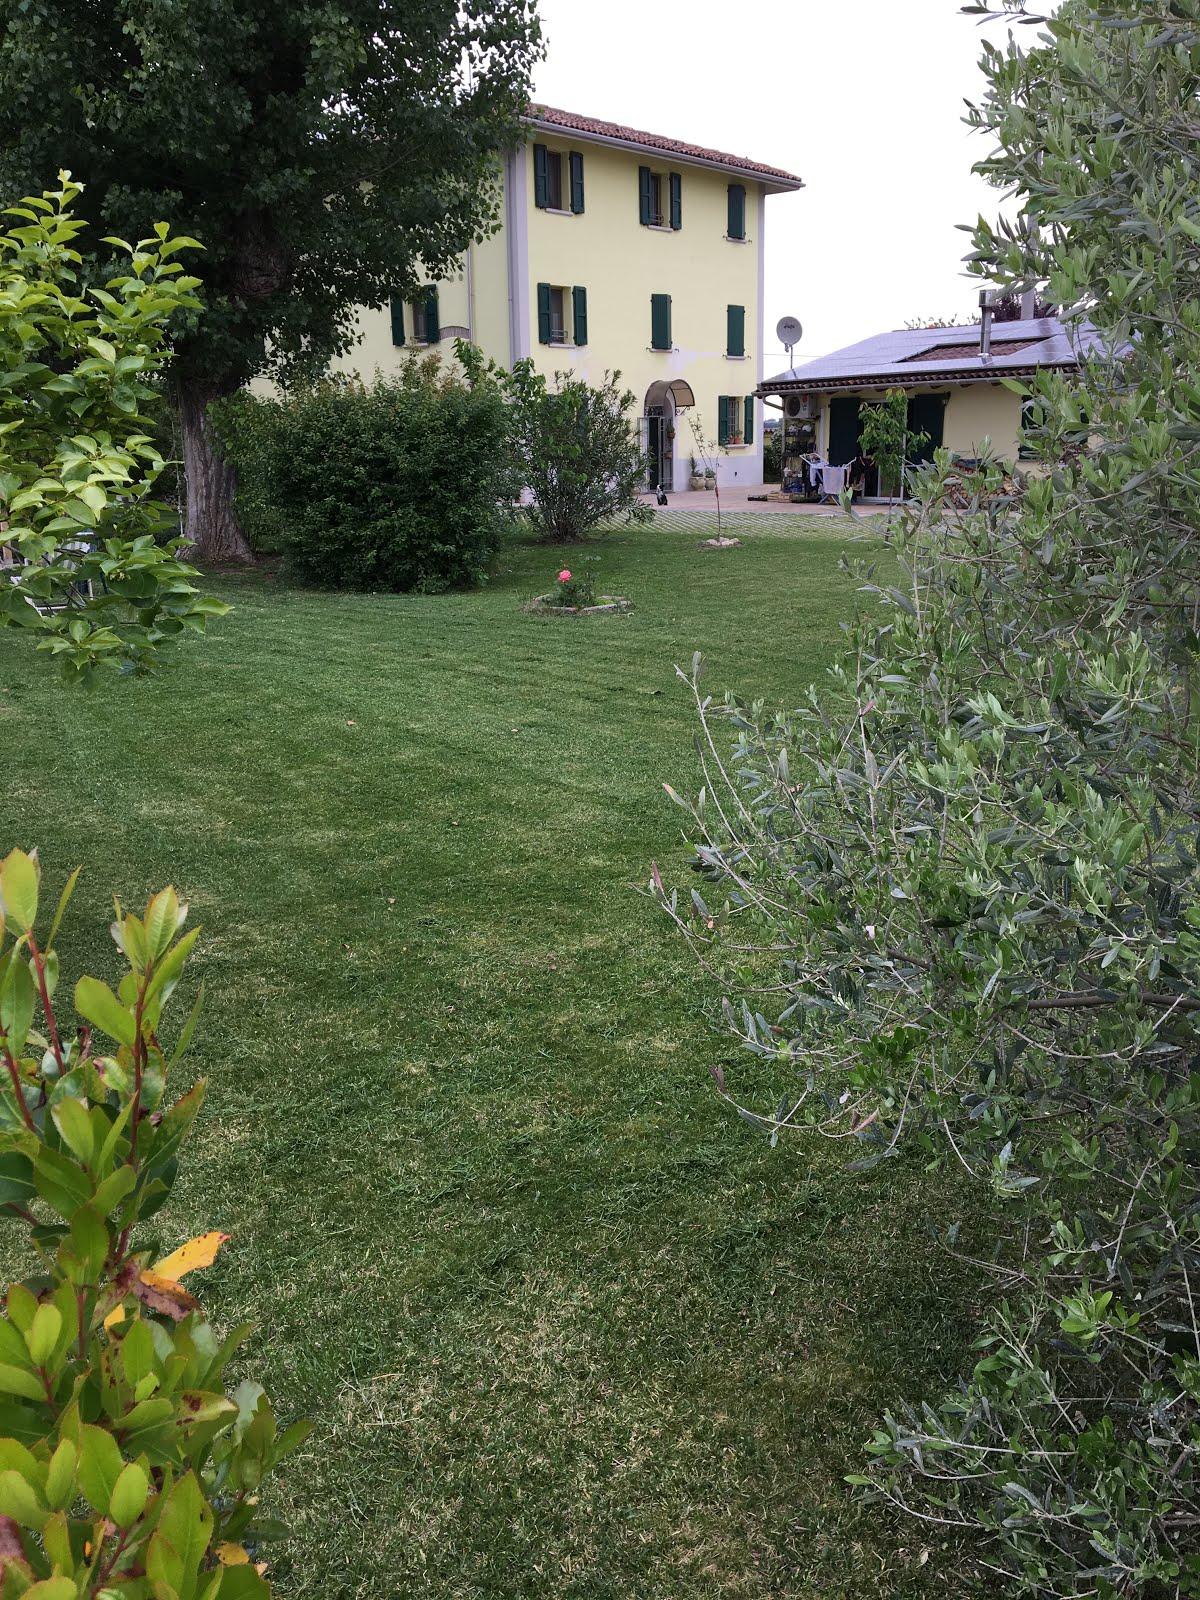 Zenerigolo, San Giovanni in Persiceto